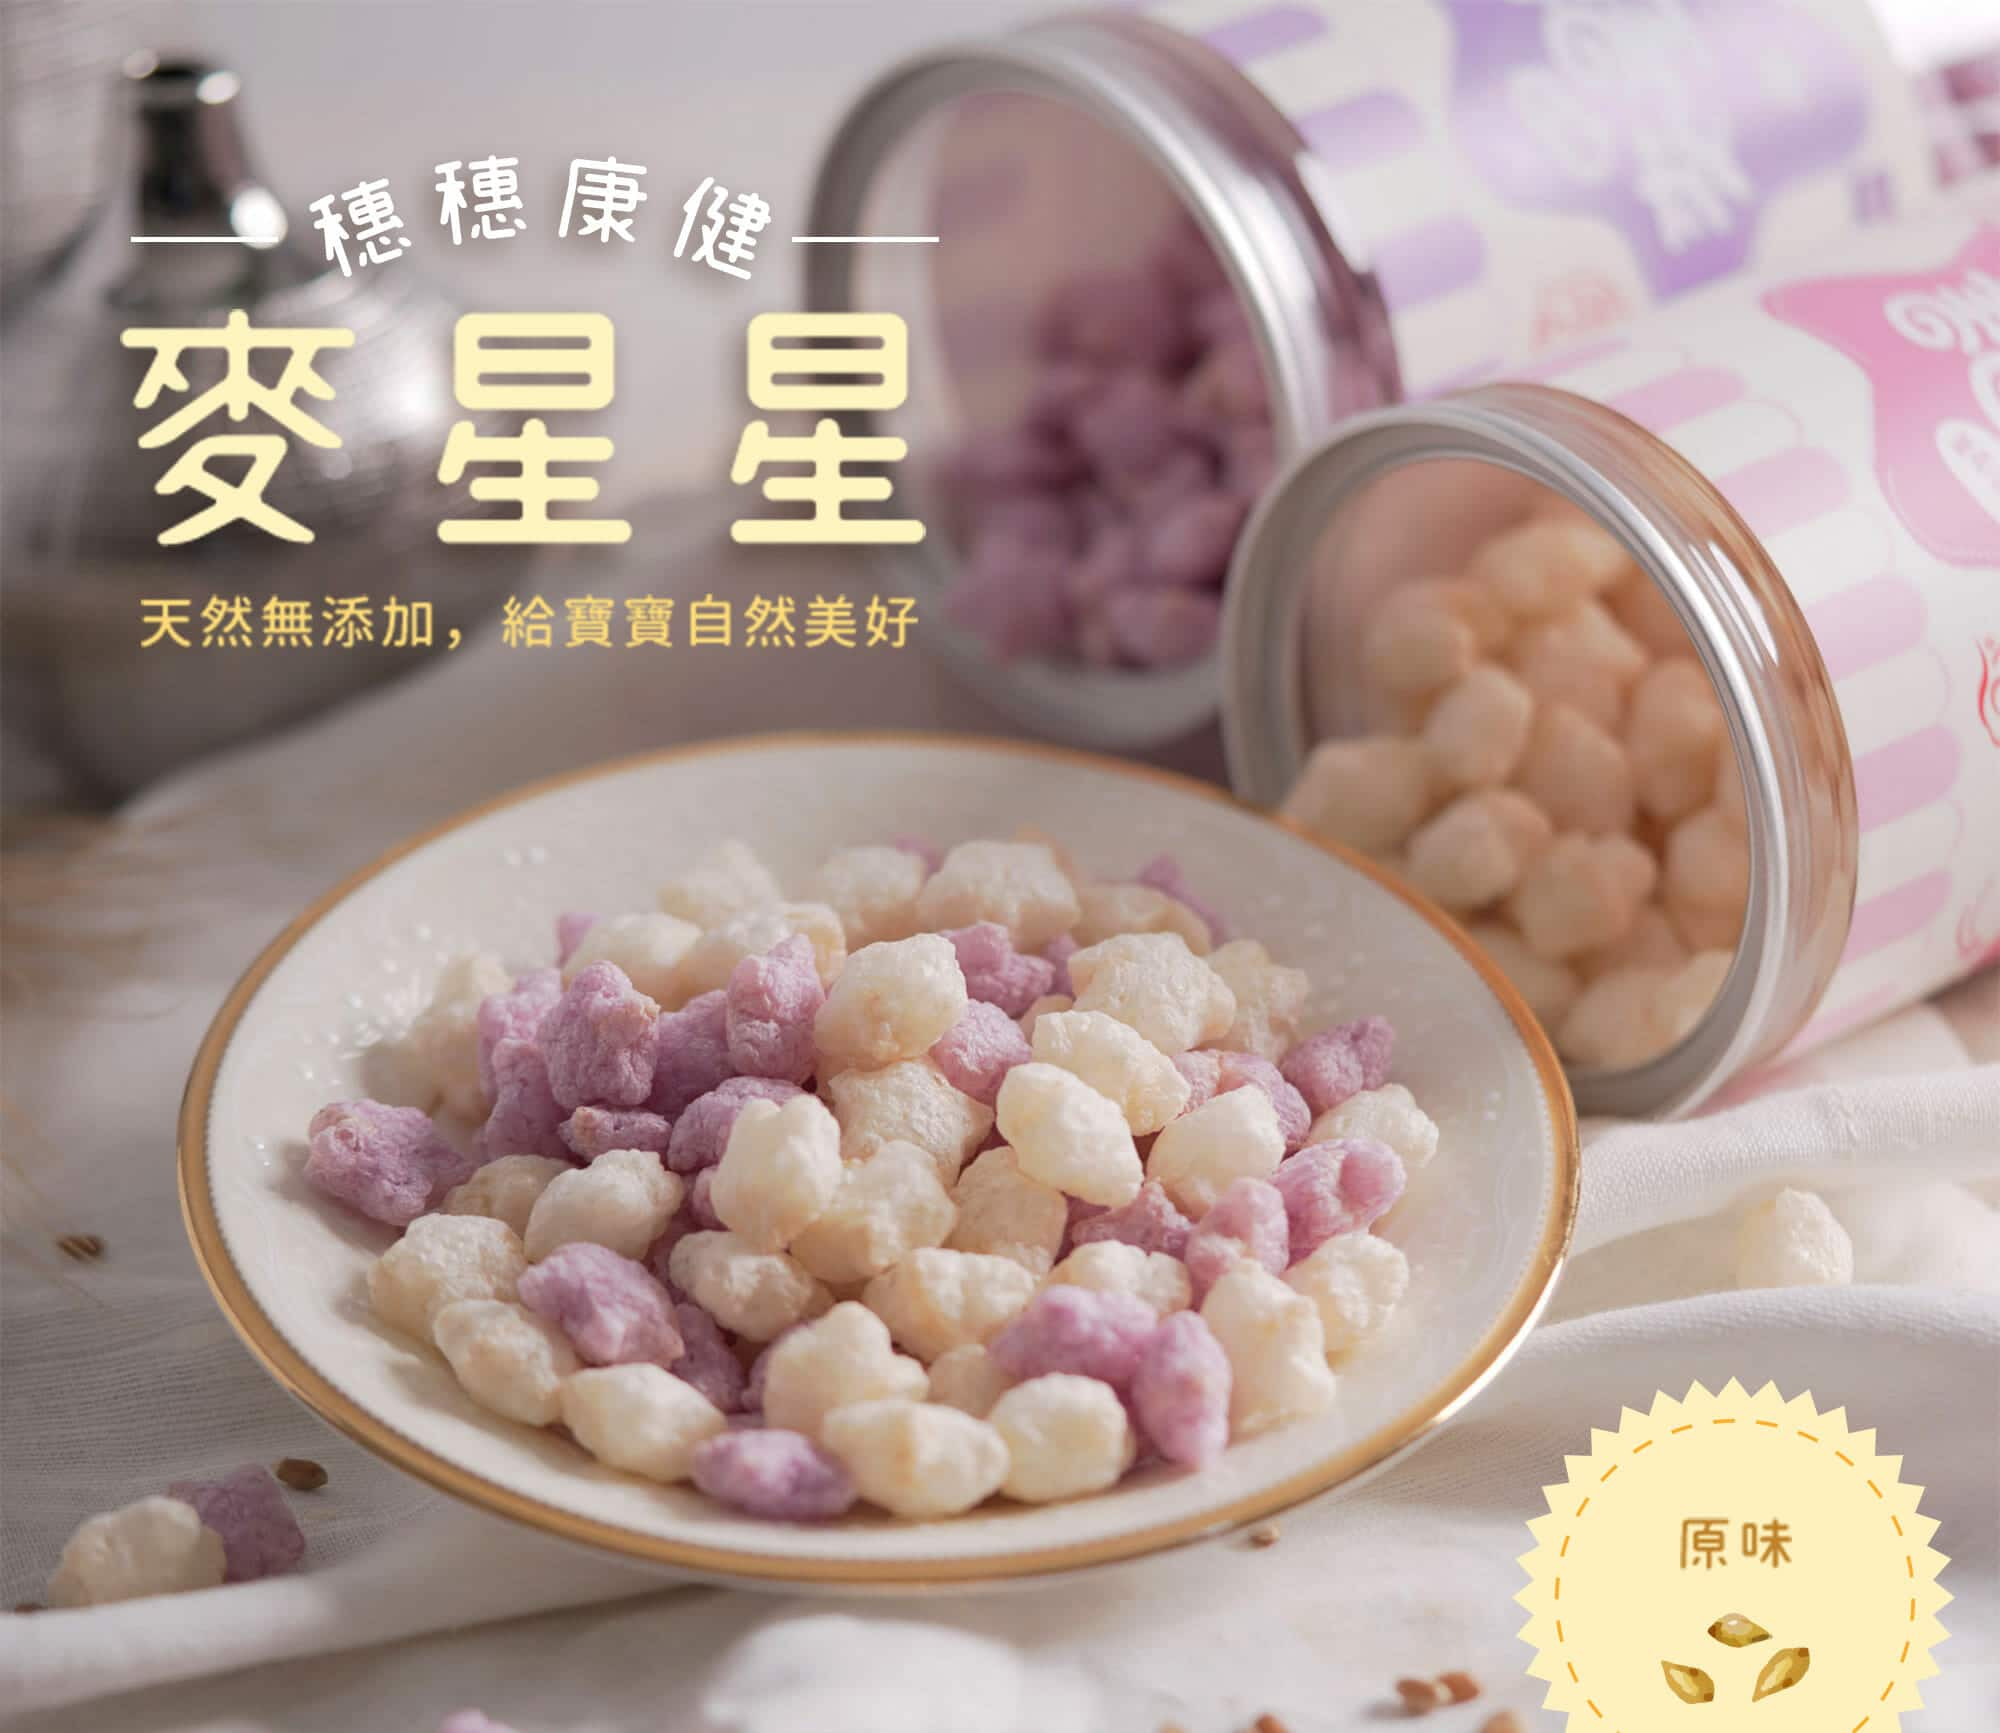 穗穗康健的麥星星原味寶寶磨牙餅,天然無添加,給寶寶自然美好